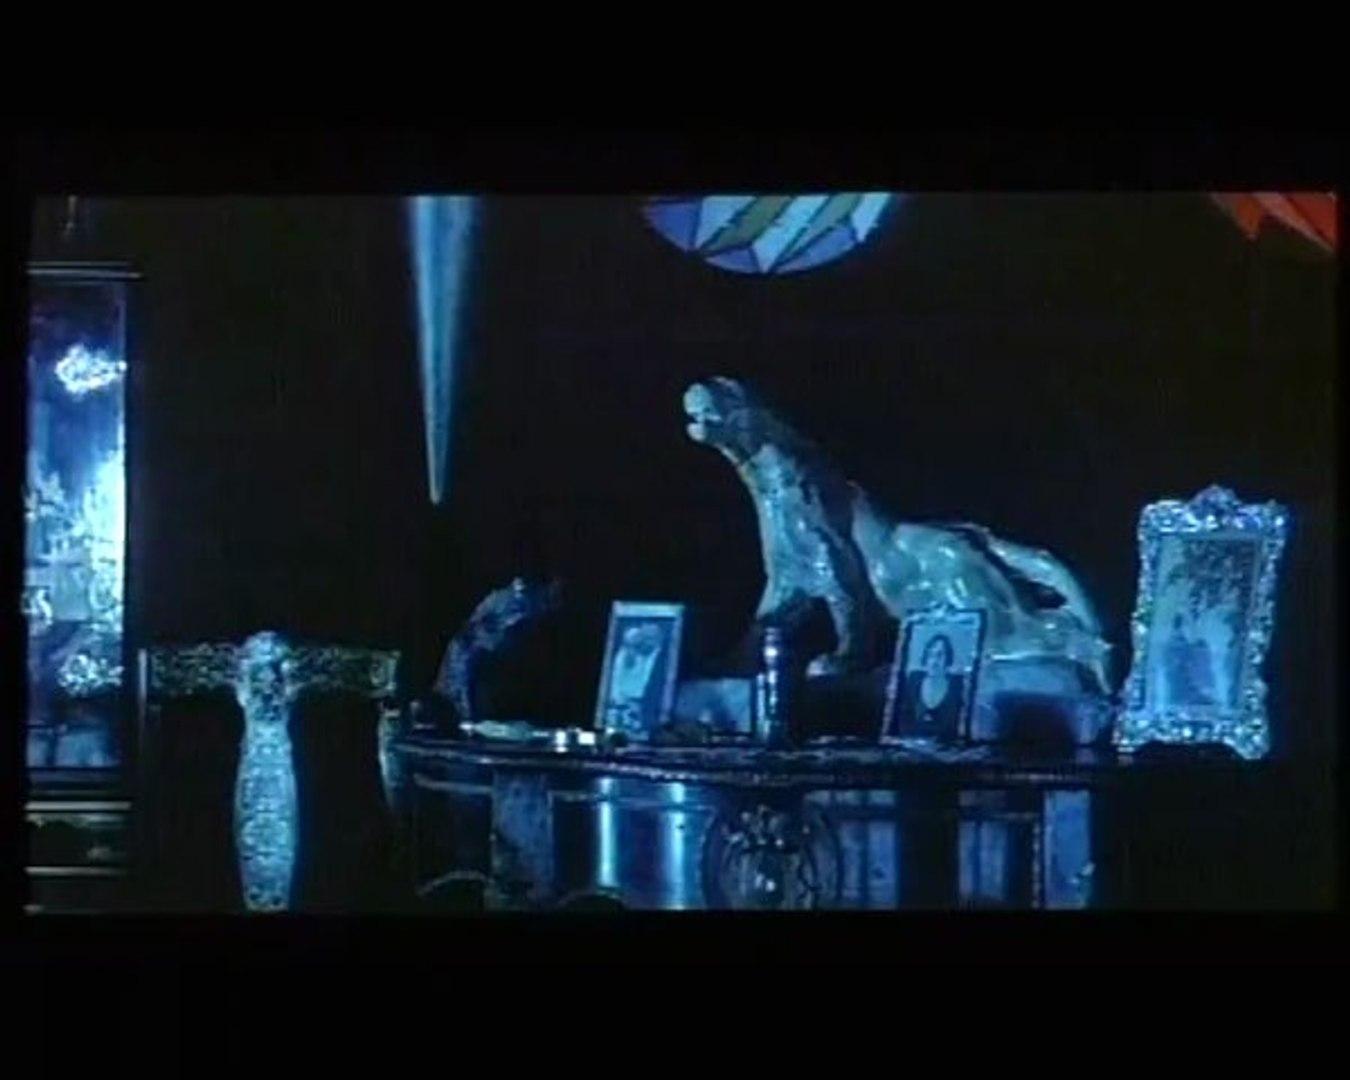 Les Maîtres de l'épouvante - Dario Argento